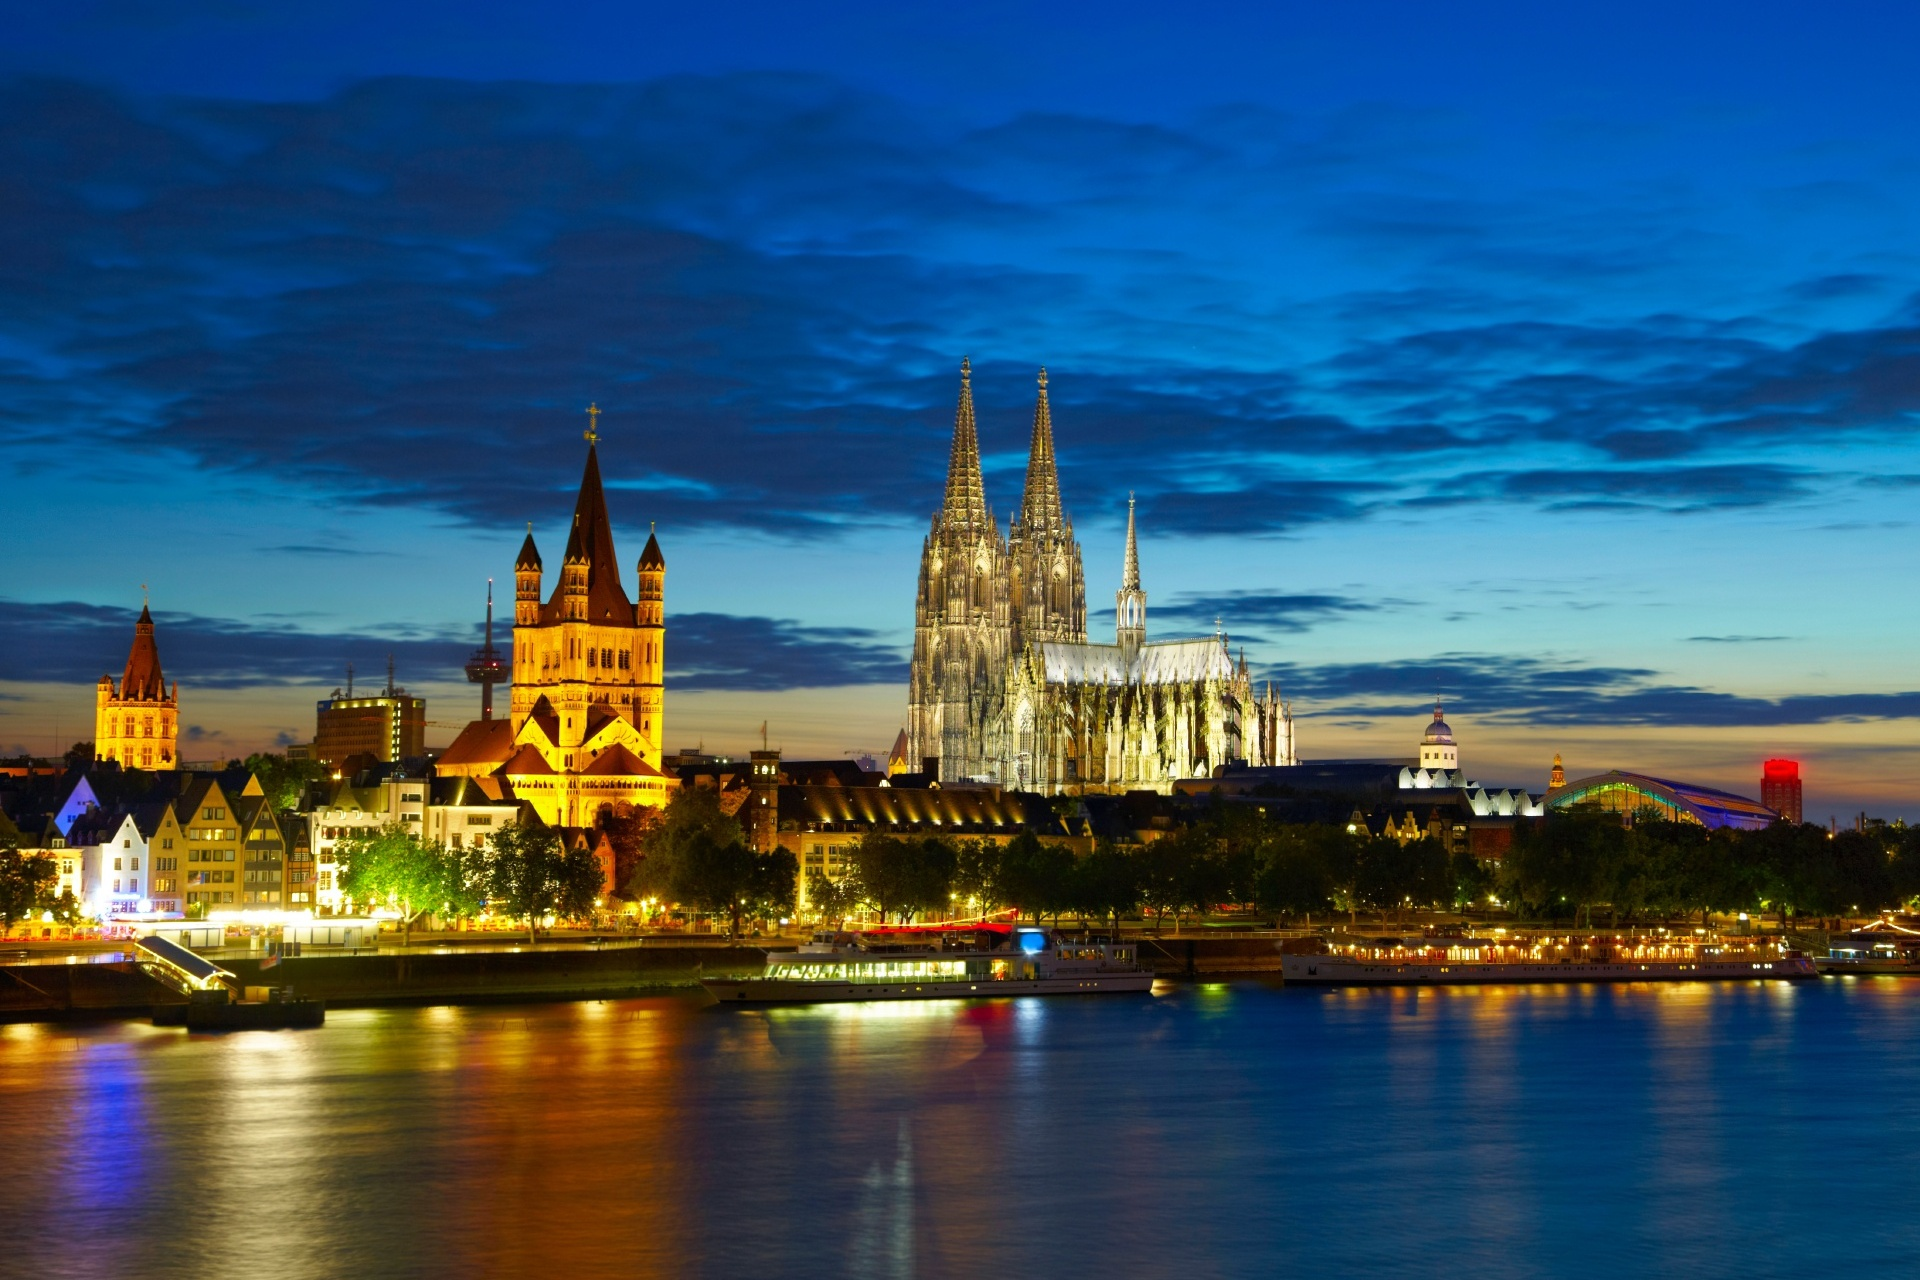 夕方のケルンの風景 ドイツの風景